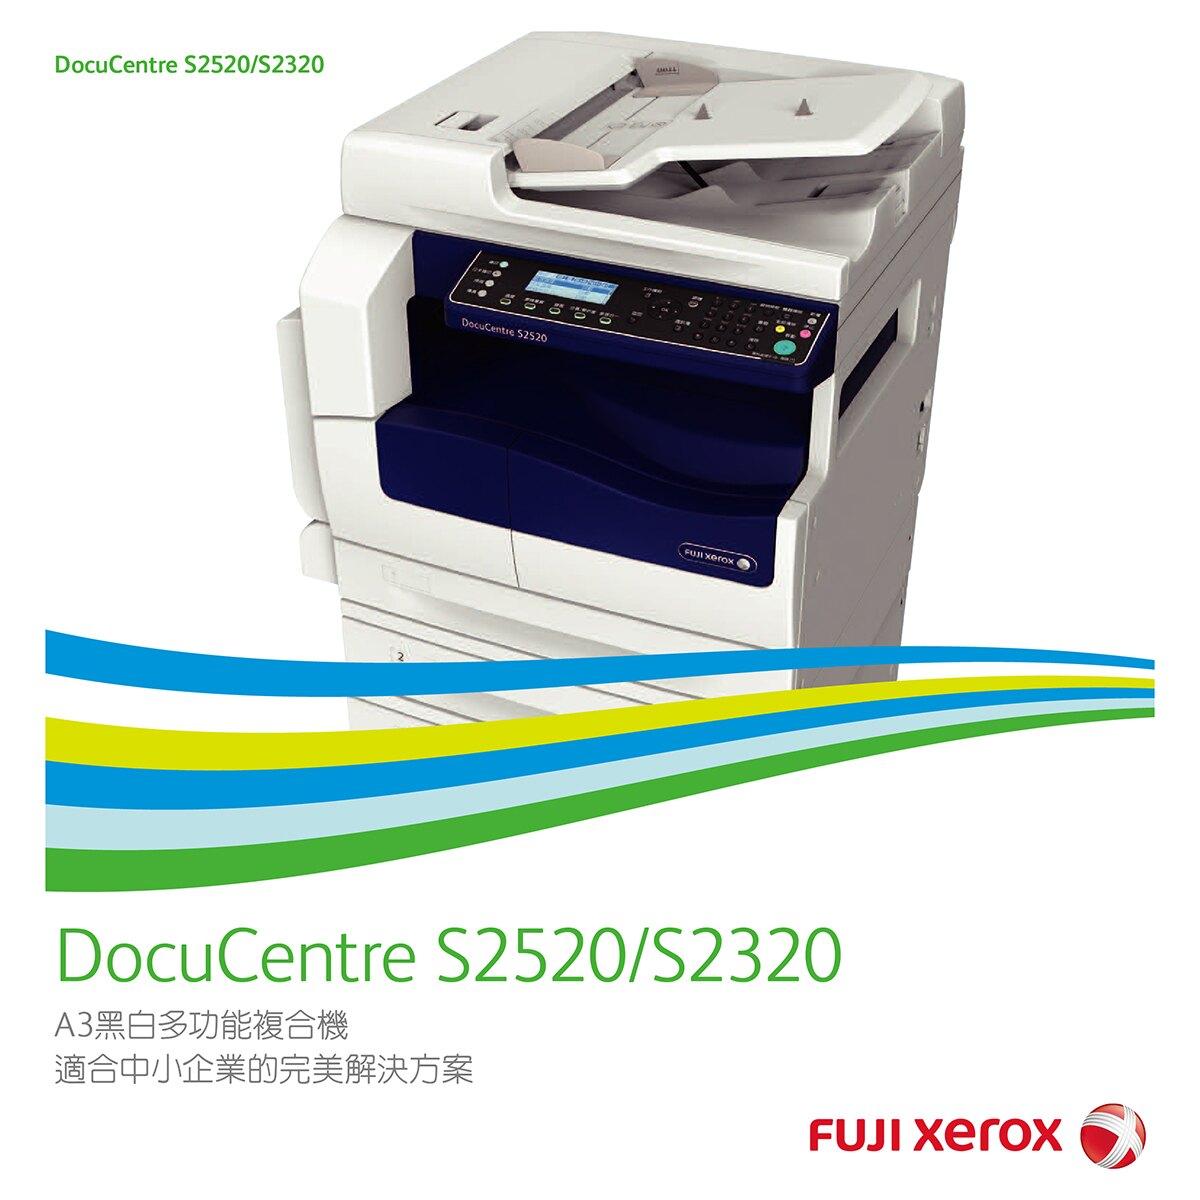 富士全錄 Fuji Xerox DocuCentre S2520 A3黑白多功能複合機 影印 列印 傳真 彩掃